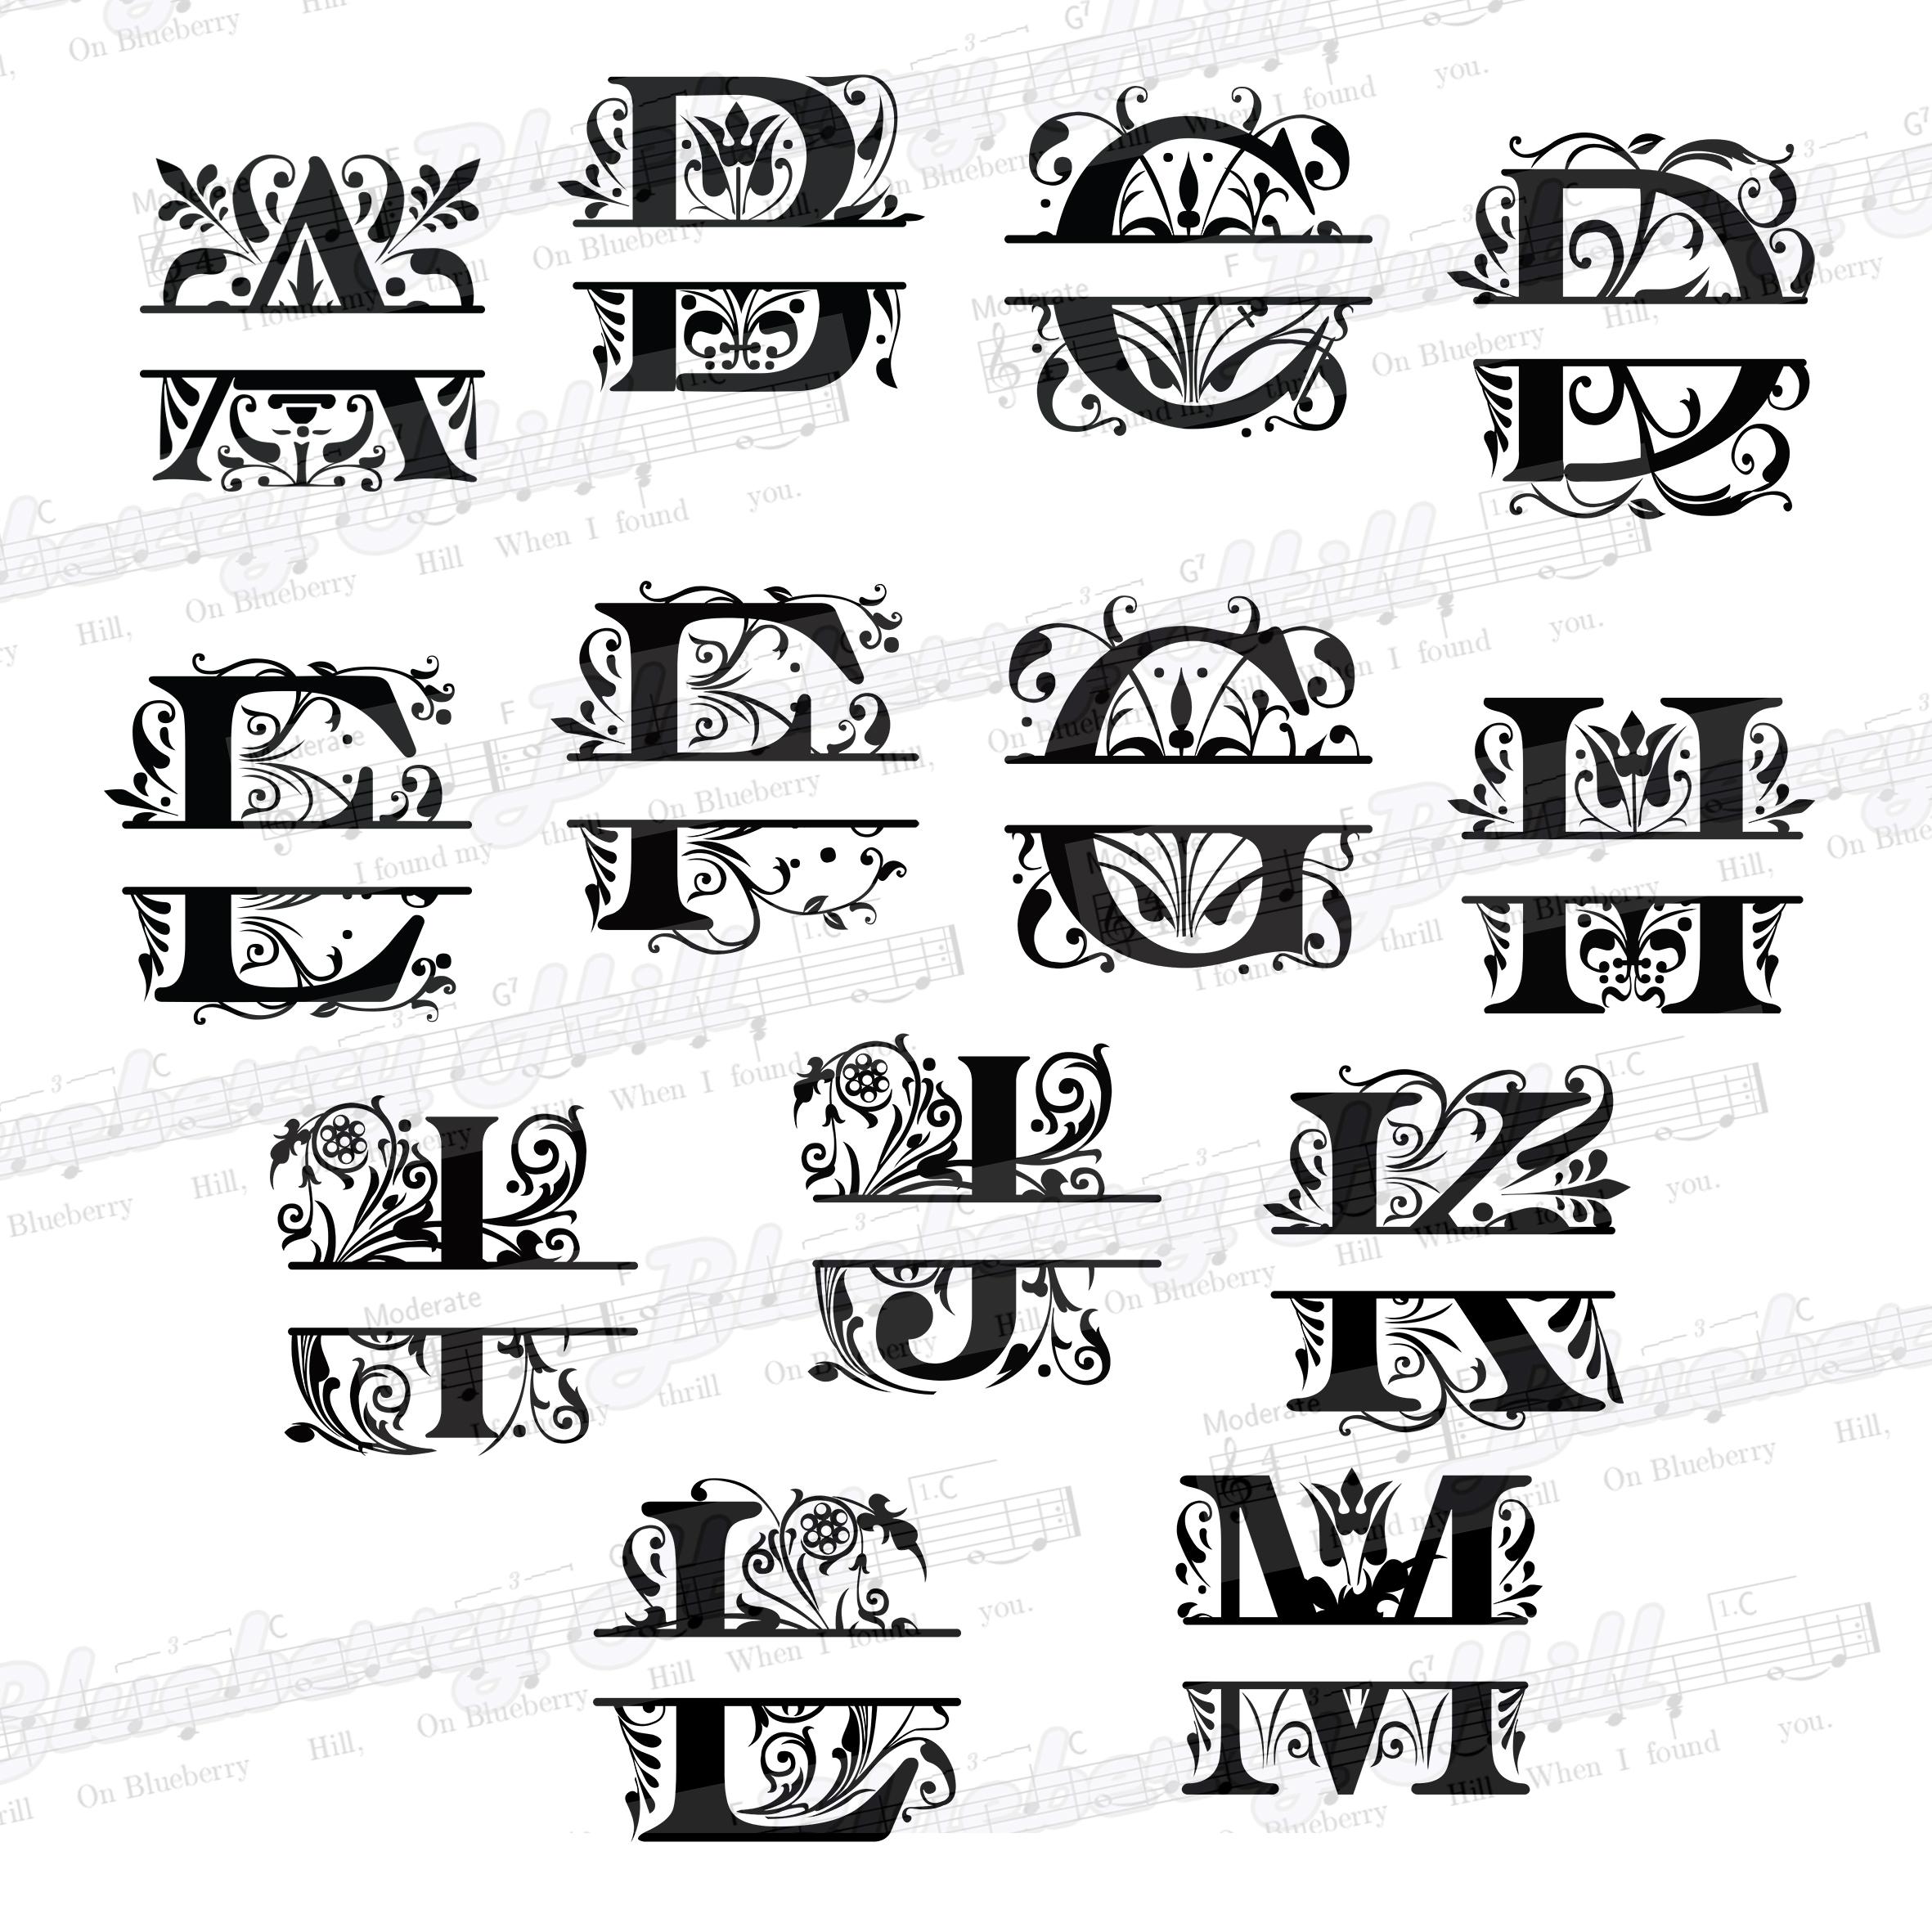 Regal Split Monogram Letters SVG - Regal Letters cut files - Regal Split Monogram Letters - Regal Split - DIY- Svg - Dxf - Eps - Png - Jpg - Pdf example image 3